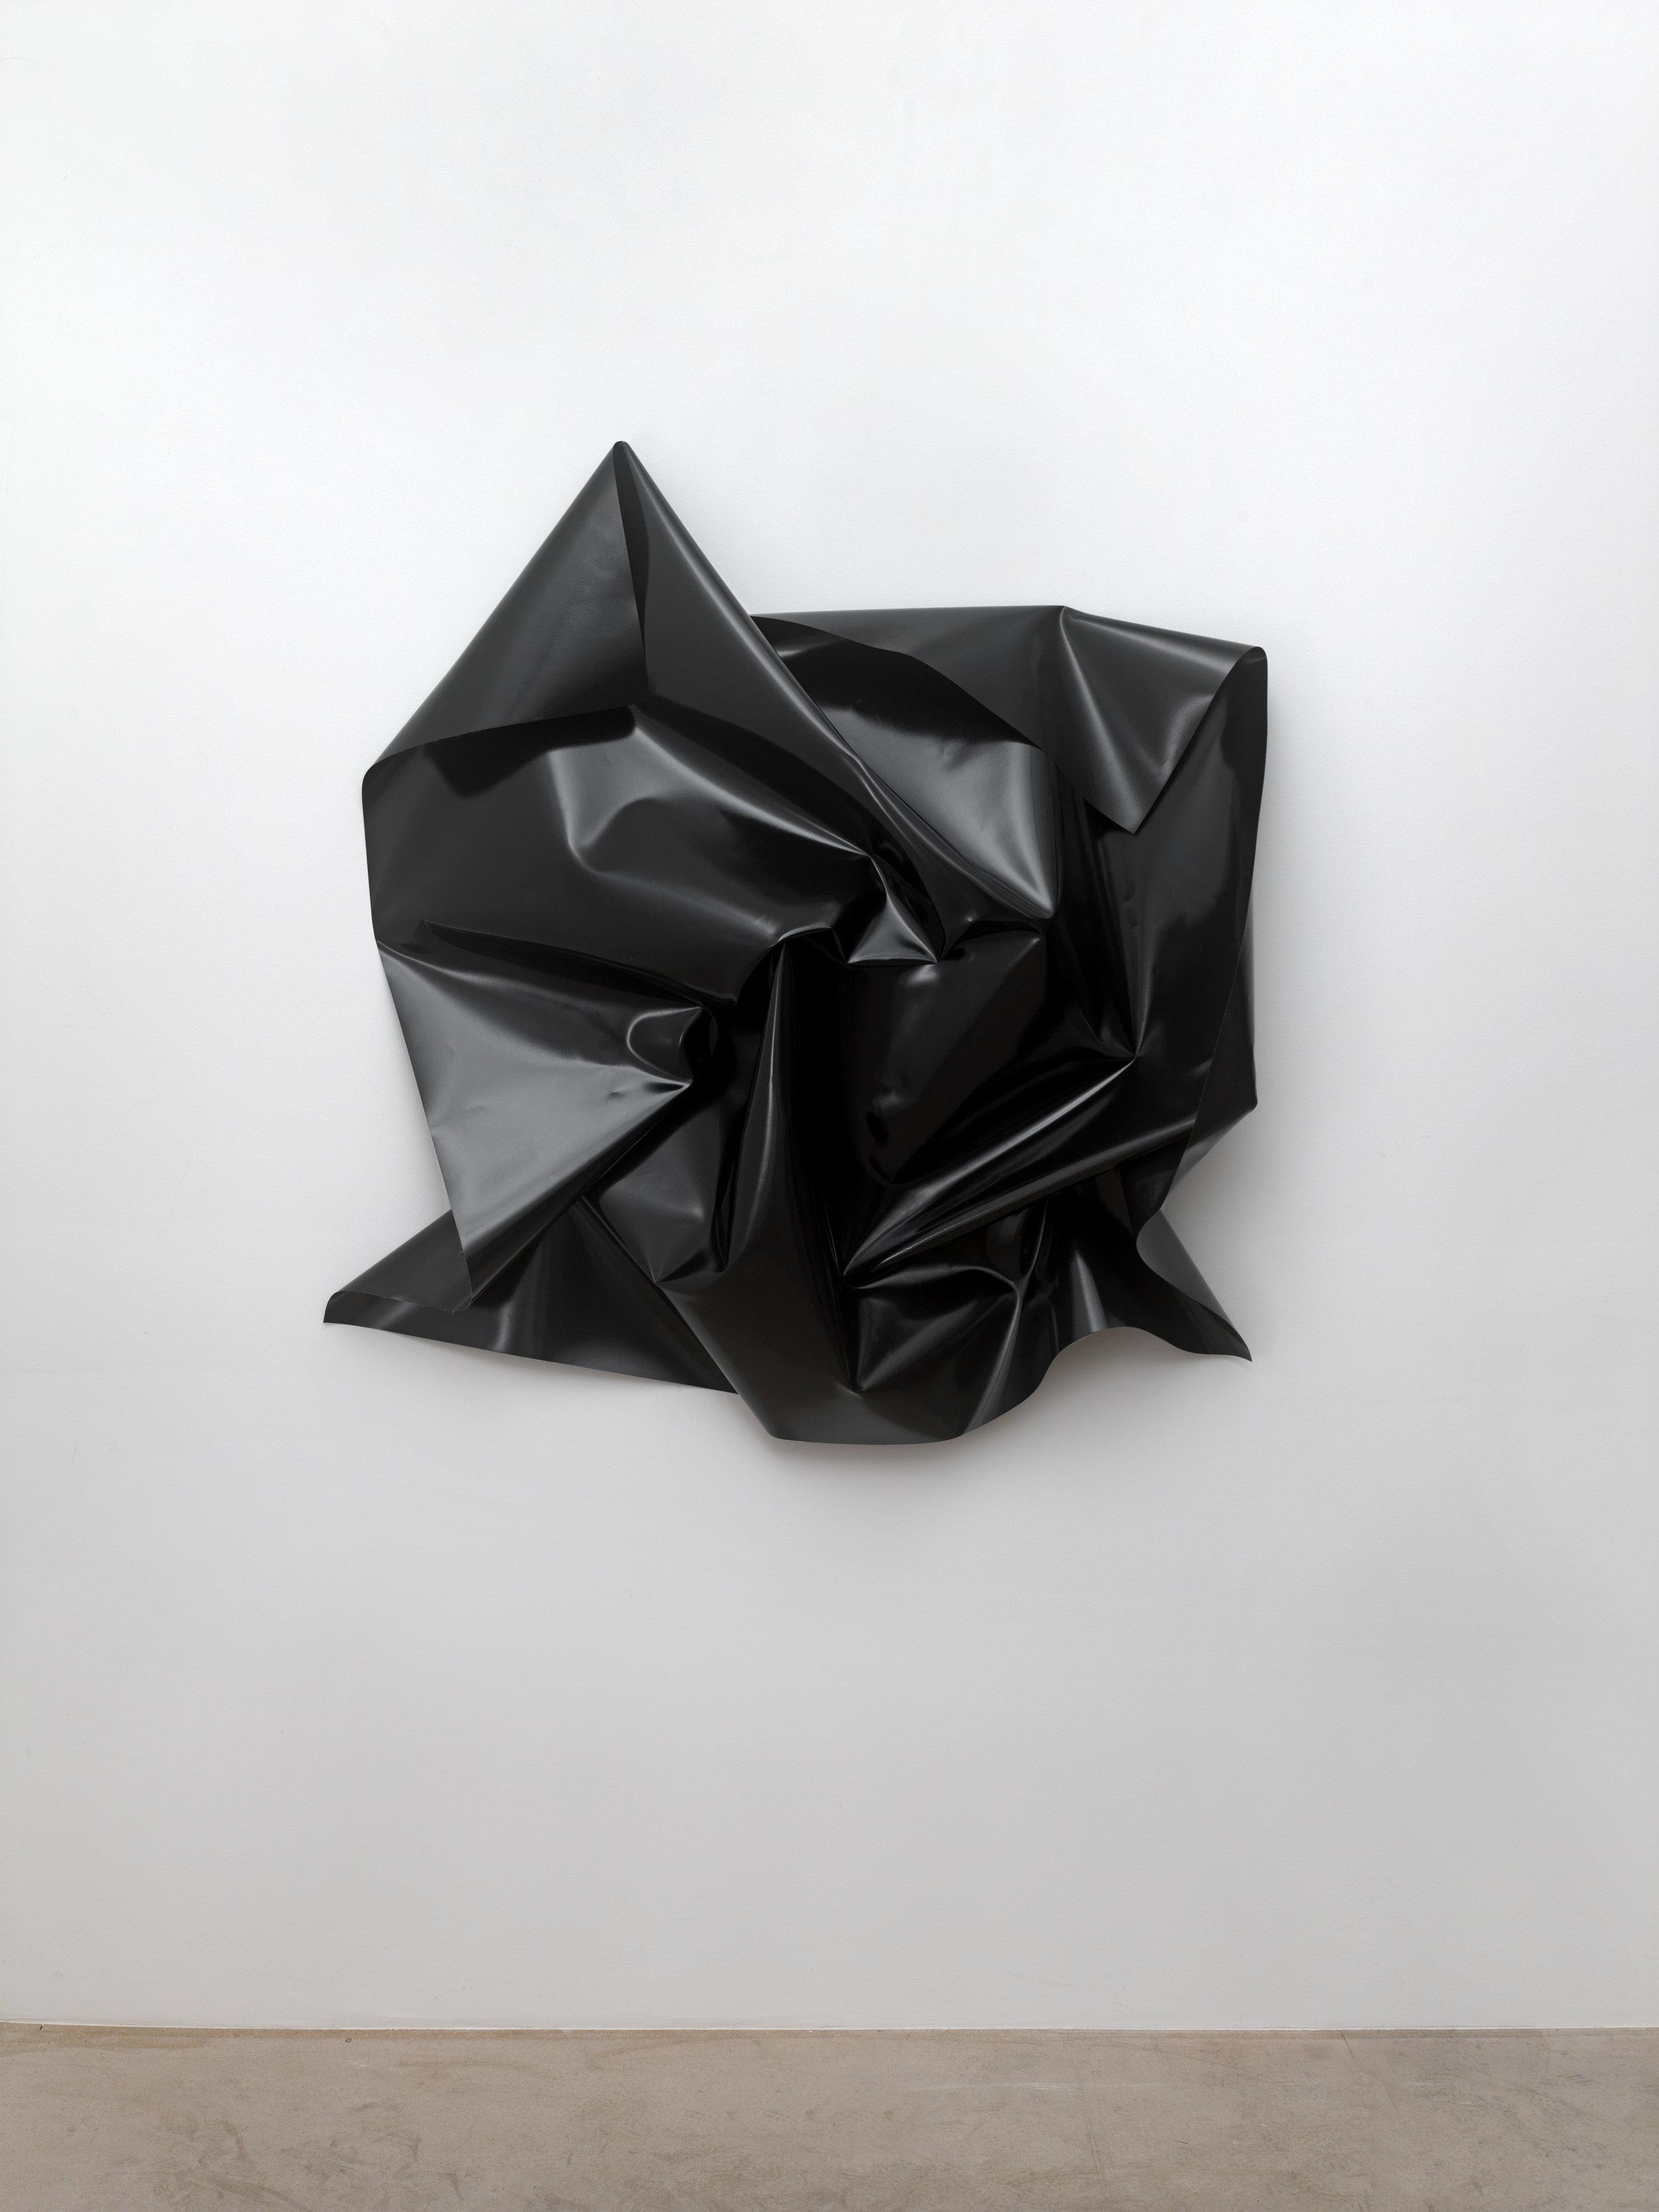 o.T., (untitled), 2013  PVC-tarpaulin (black), 4 brass screw closures, ca. 135 x 135 x 32 cm, dimensions of the tarpaulin: 150 x 150 cm